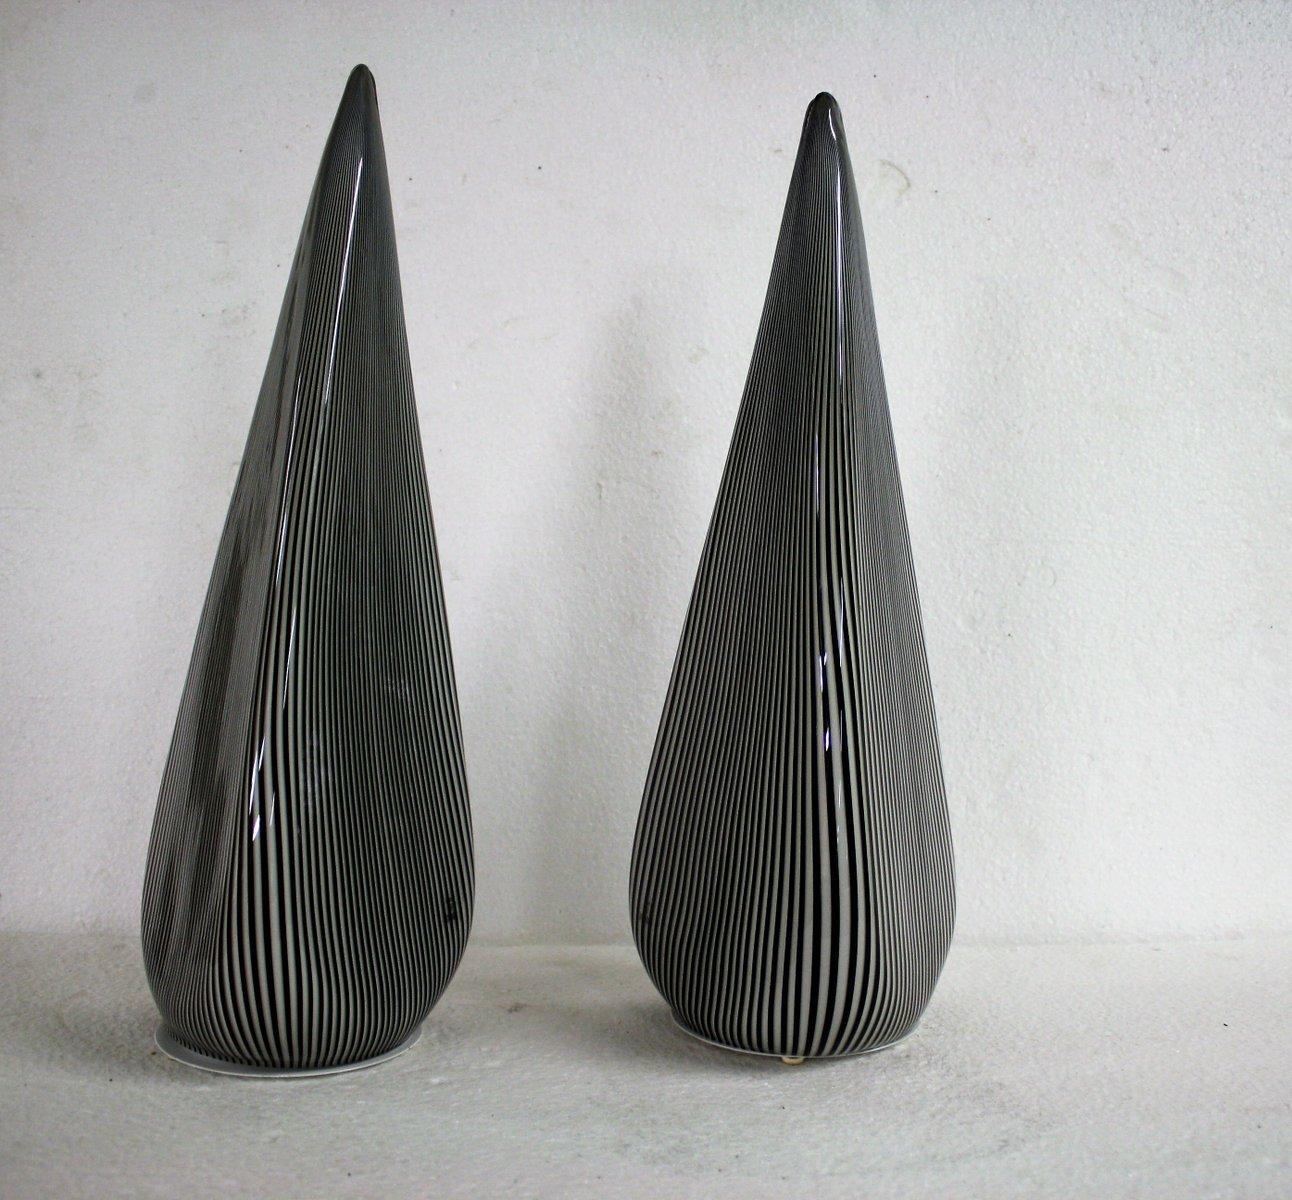 Große Murano Glas Pyramiden Lampen von Vetri, 1970er, 2er Set